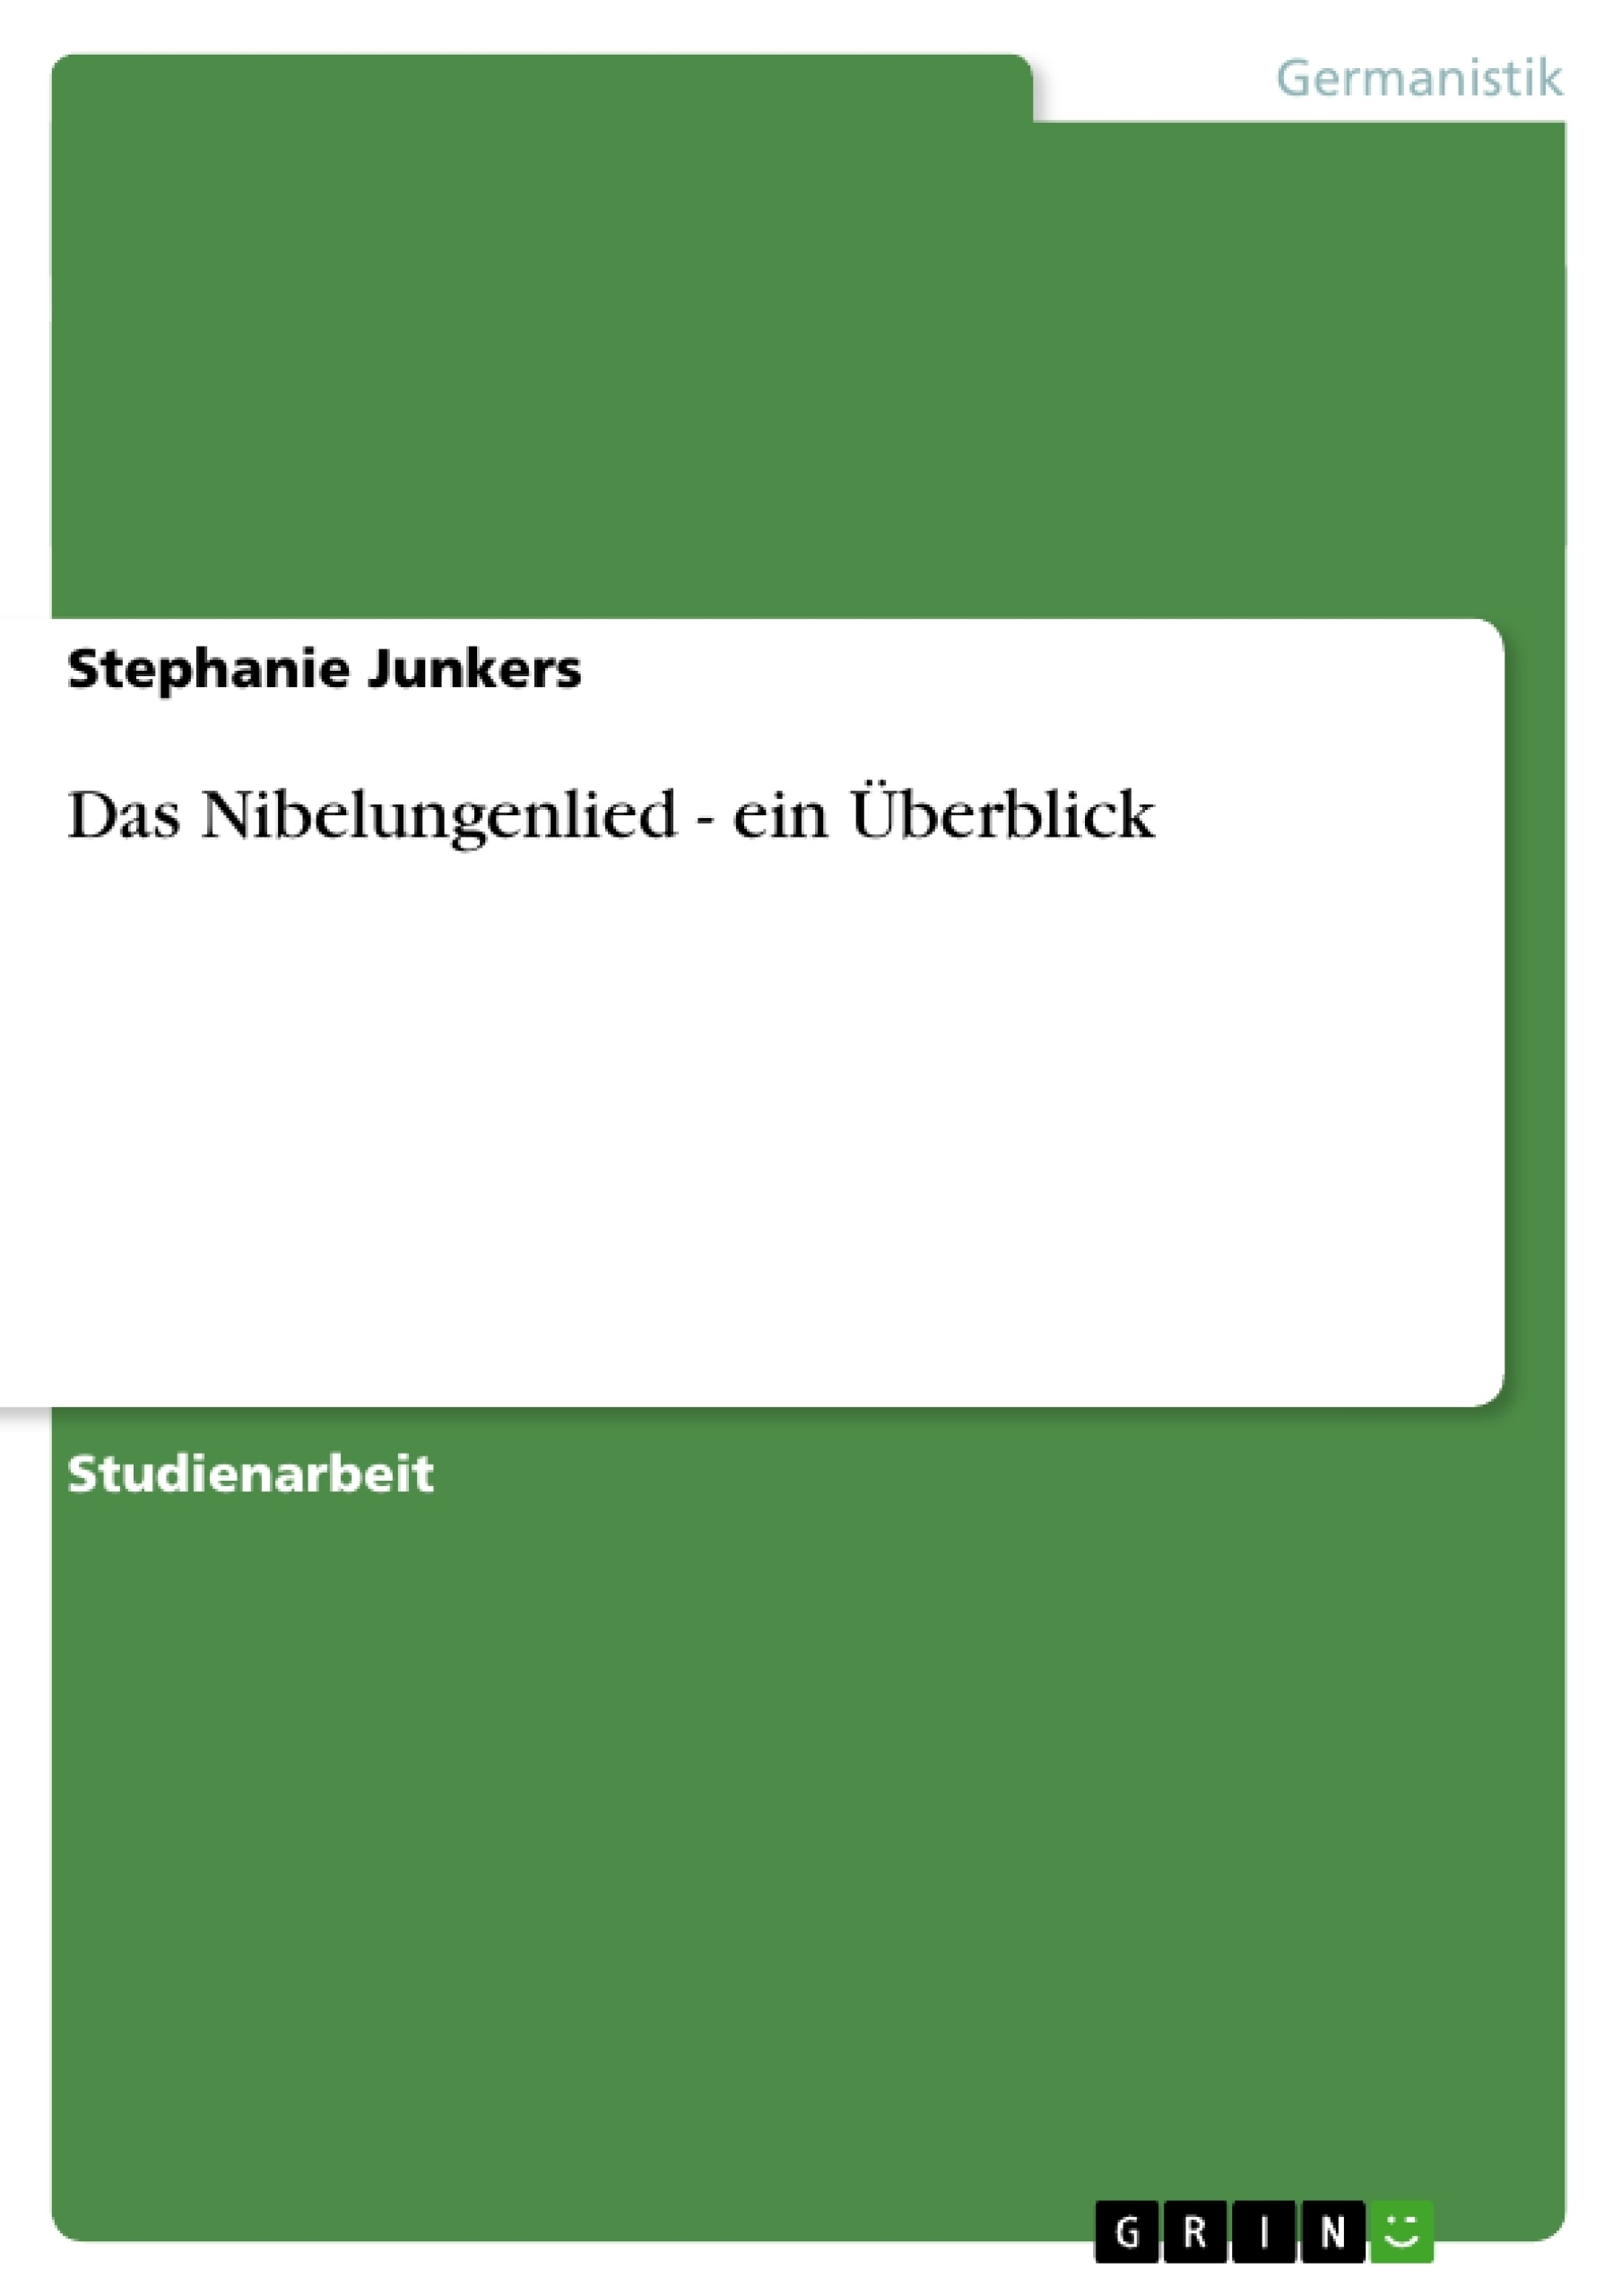 Titel: Das Nibelungenlied - ein Überblick